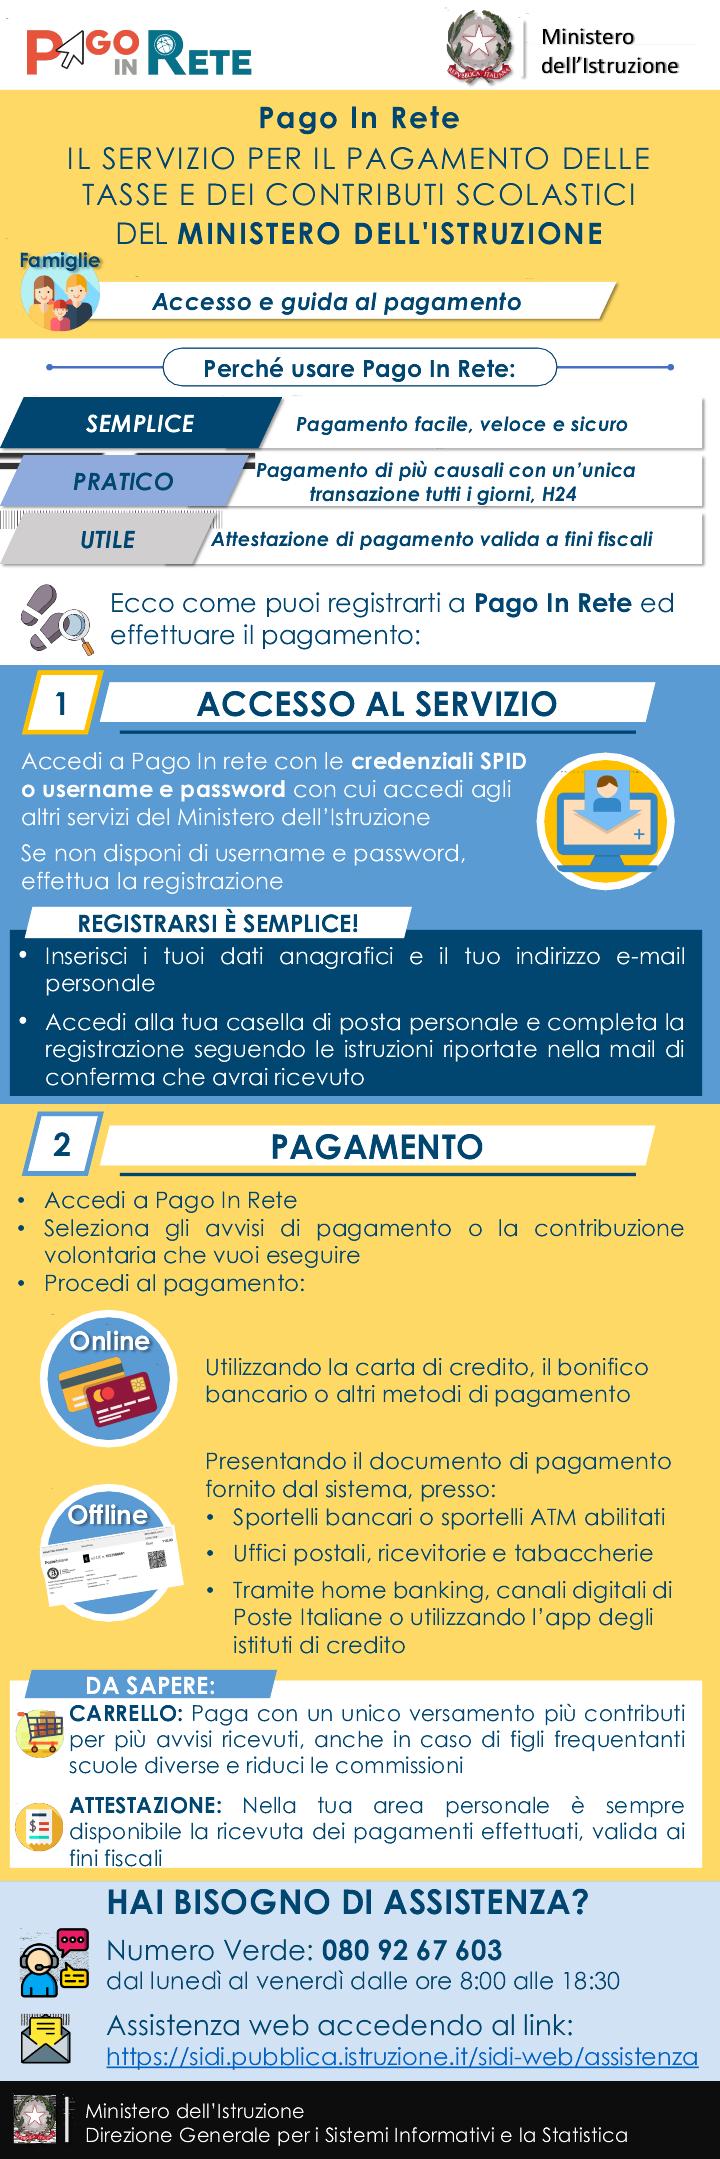 Infografica-Accesso_guida_pagamento